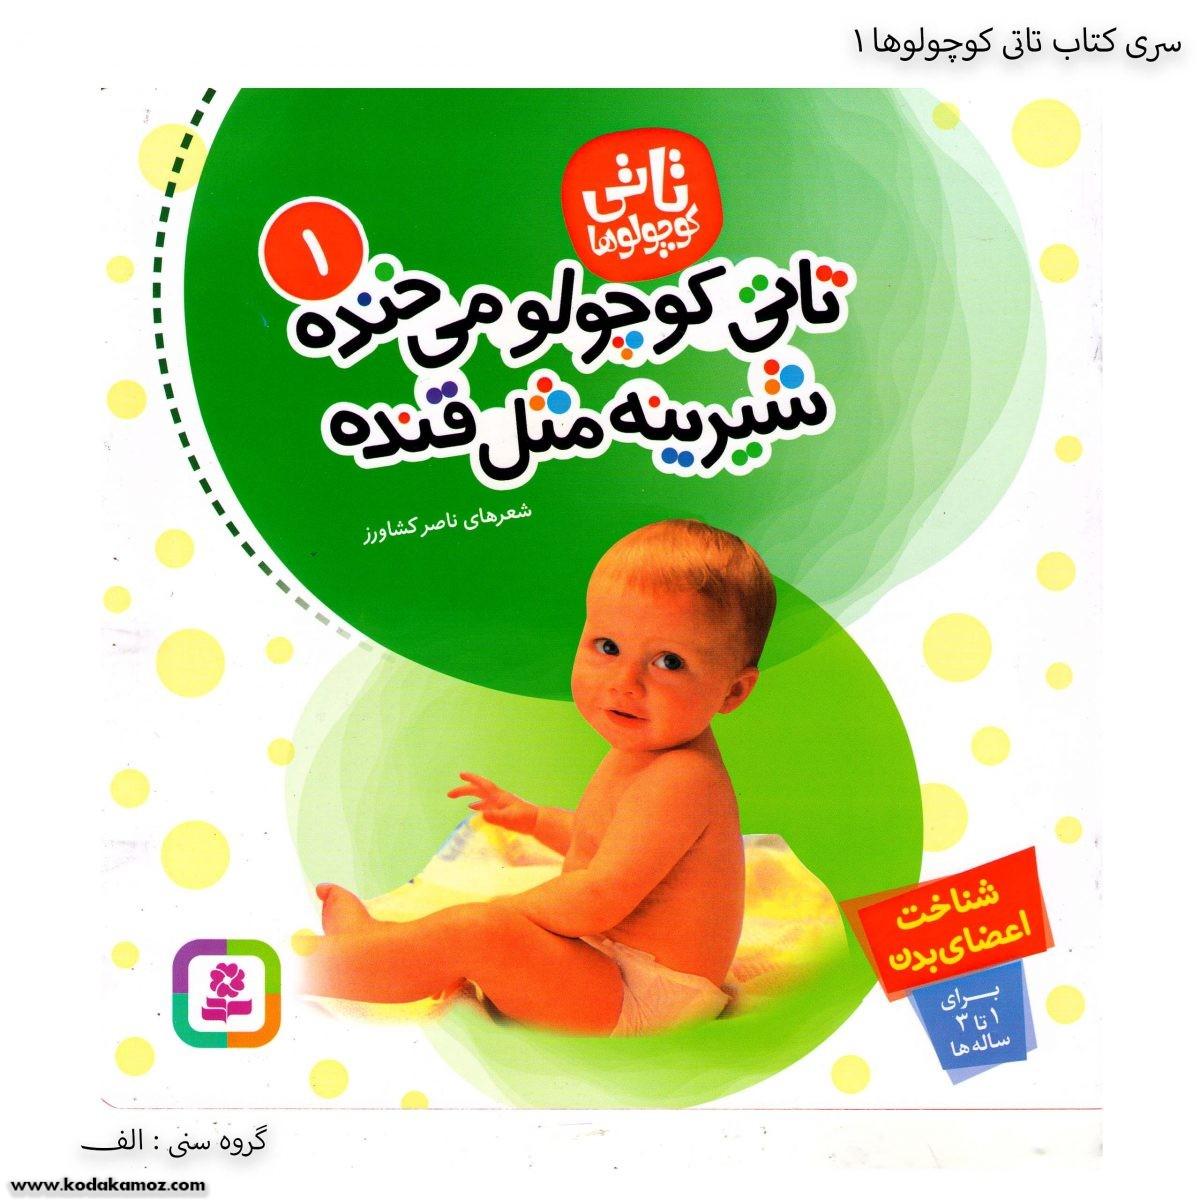 کتاب تاتی کوچولوها - تاتی کوچولو میخنده کد 1